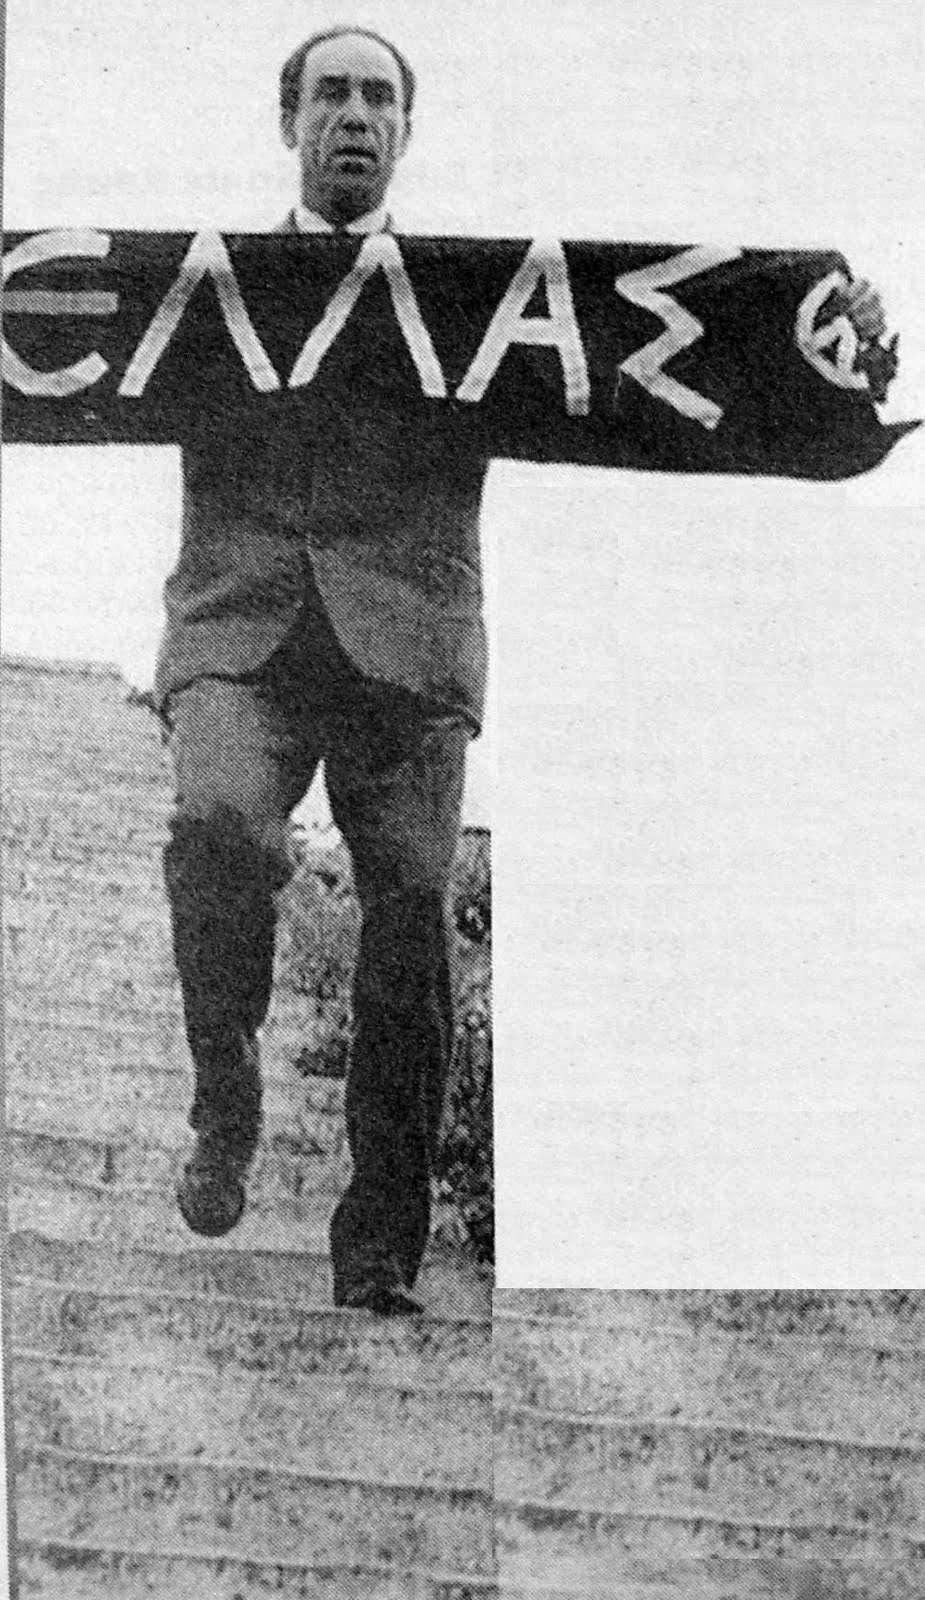 Ο Γρηγόρης Λαμπράκης (Κερασίτσα Αρκαδίας 3 Απριλίου 1912 – Θεσσαλονίκη 27 Μαΐου 1963 [1]) ήταν γιατρός, αθλητής, και πολιτικός που δολοφονήθηκε από παρακρατικούς